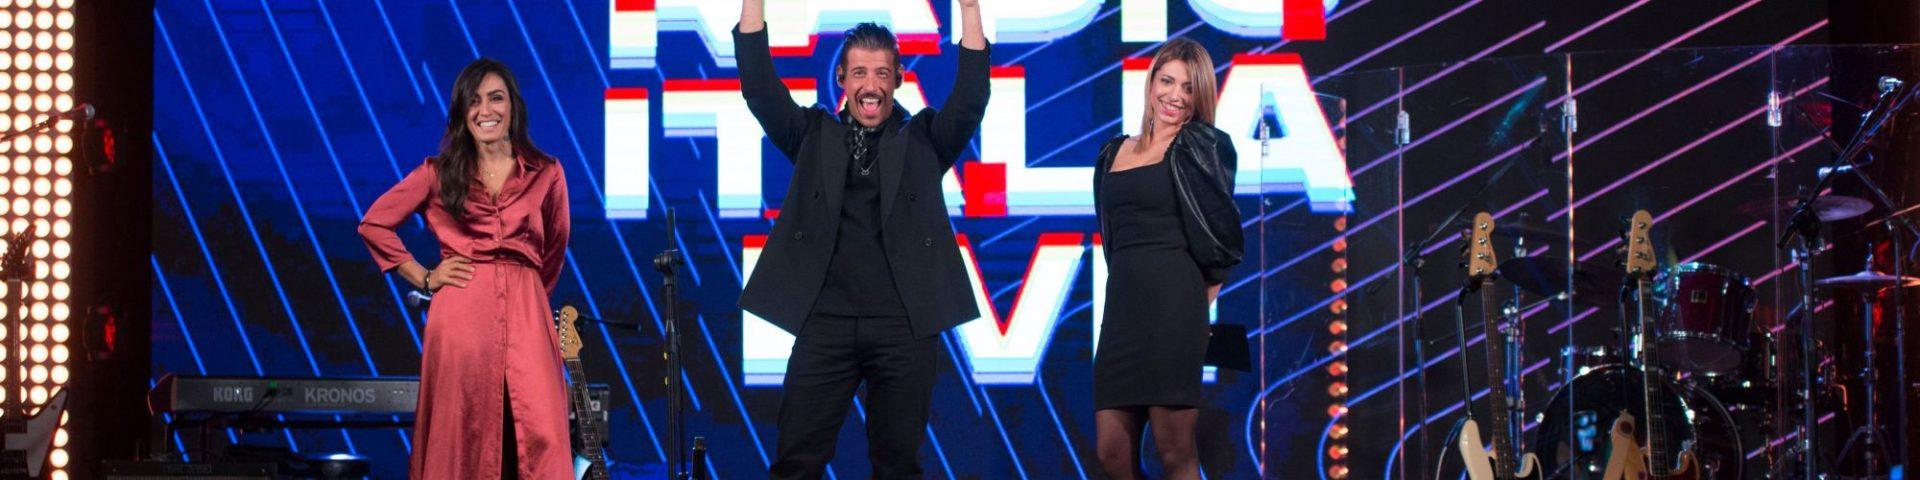 Torna Radio Italia Live: si parte con Francesco Gabbani (Video)